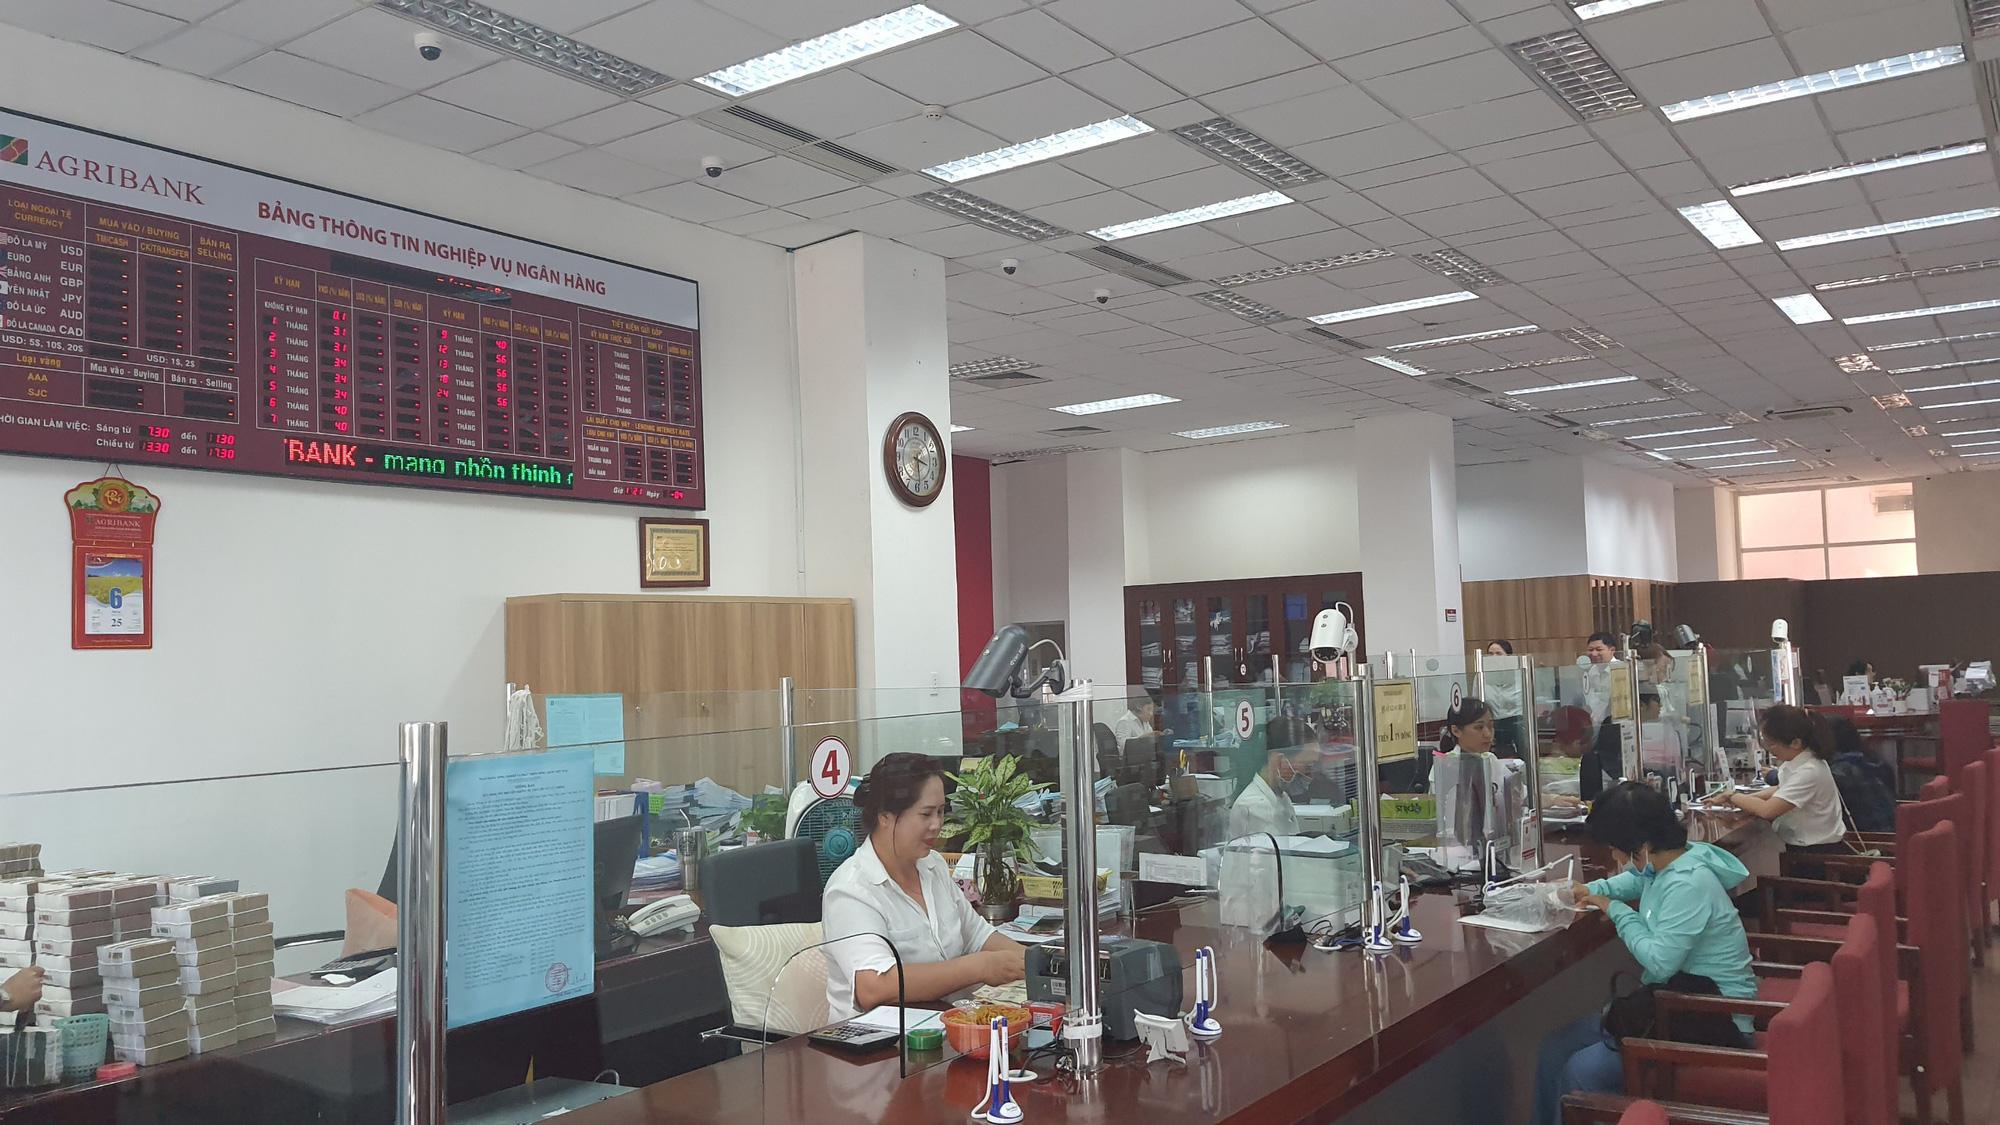 Agribank Chi nhánh Nam Đà Nẵng: Những con số ấn tượng của chi nhánh mới thành lập - Ảnh 1.